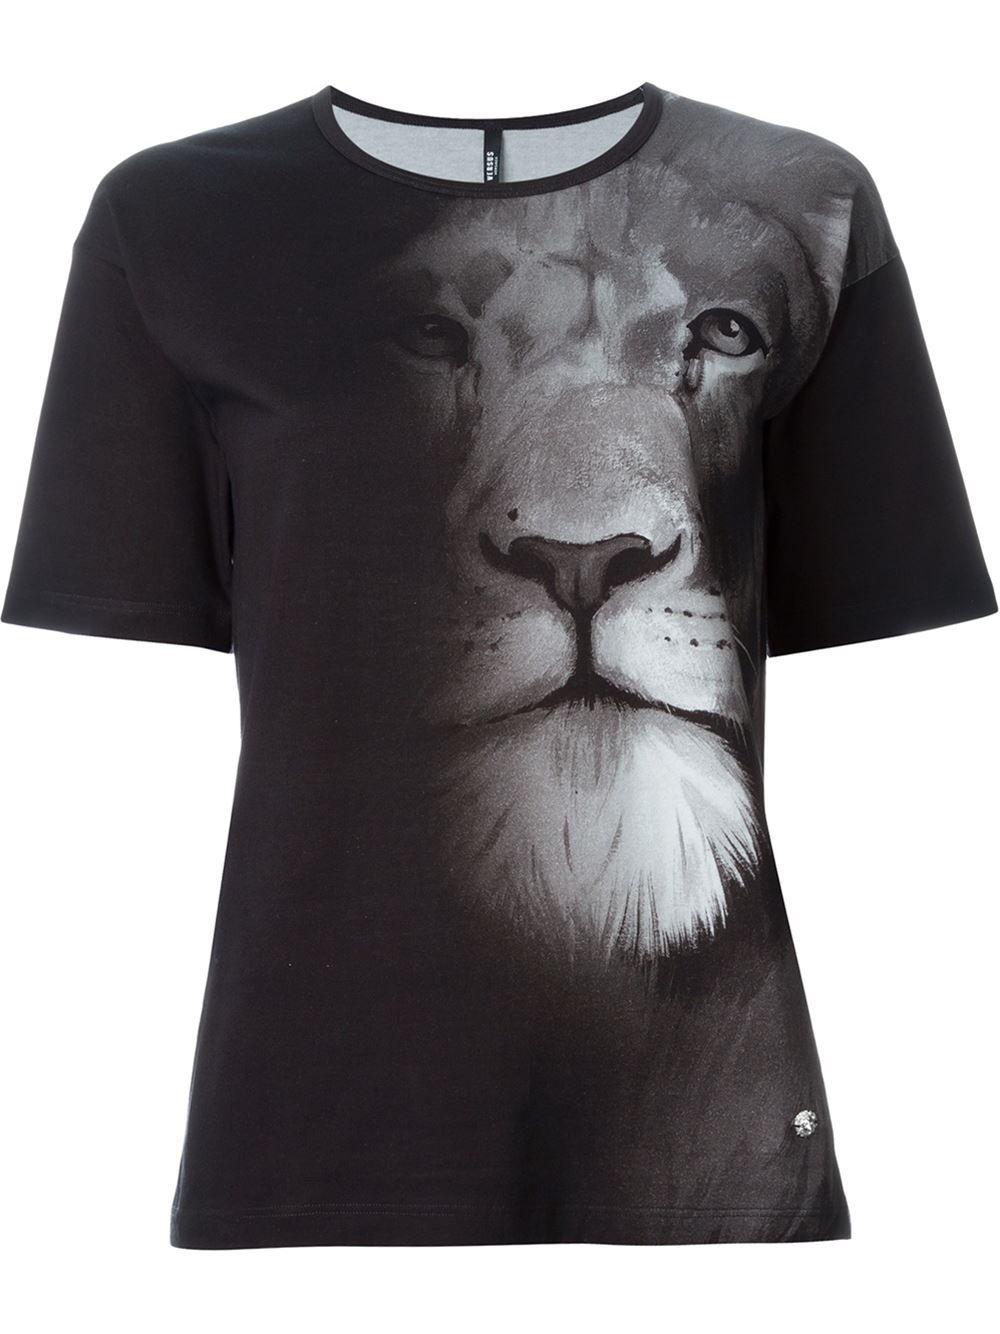 e29bc3adf Versus Camiseta Com Estampa De Leão - Versus Versace - Farfetch.com ...